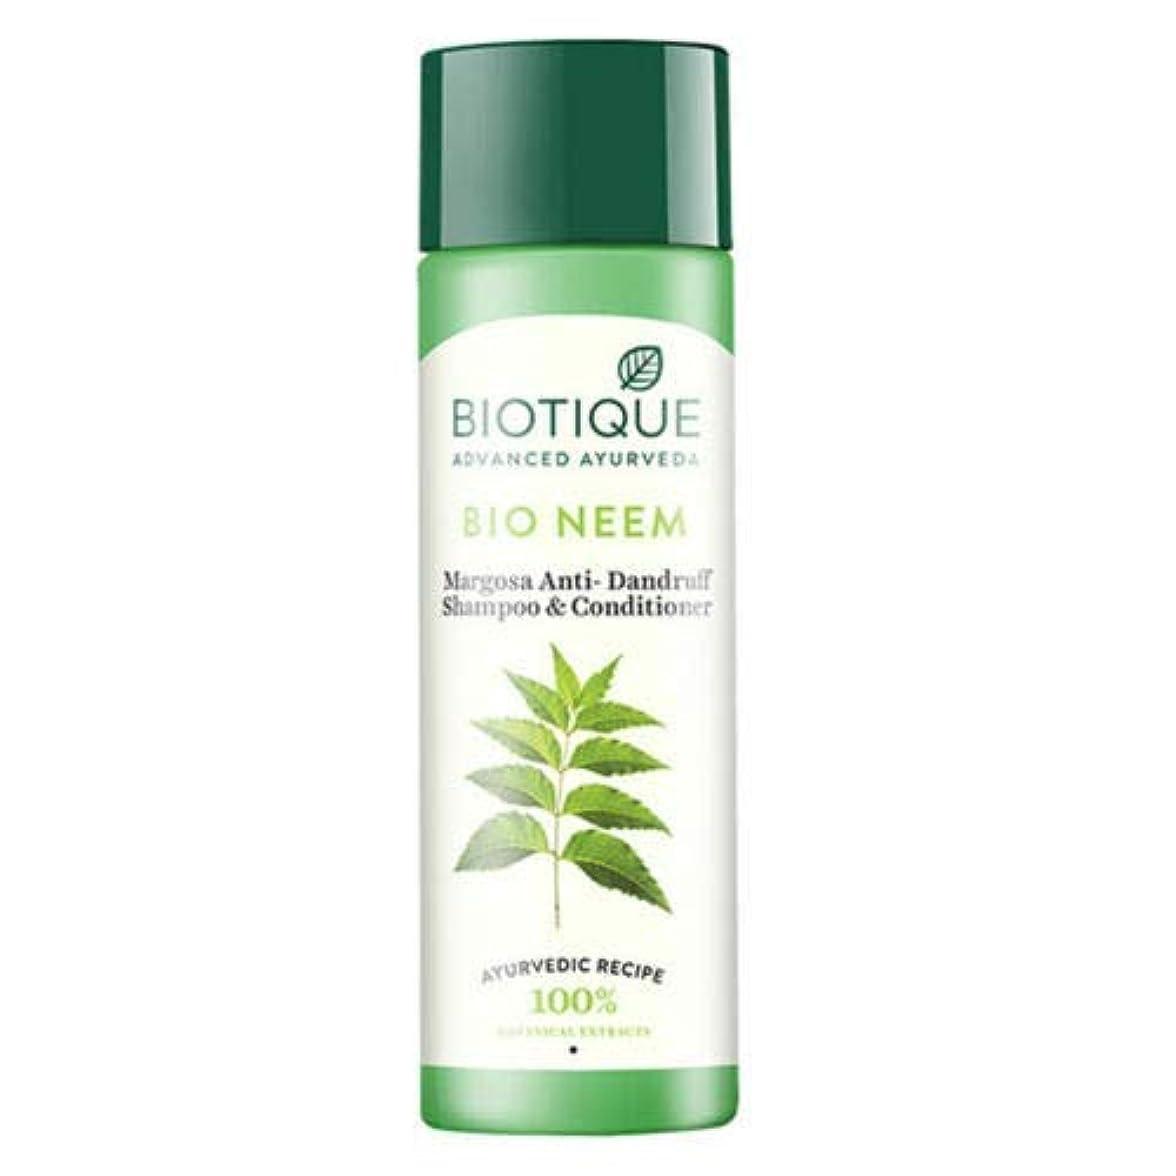 二週間ミネラル不適切なBiotique Bio Neem Margosa Anti Dandruff Shampoo & Conditioner 120 ml Strong Hair Biotique Bio Neem Margosaアンチフケシャンプー...